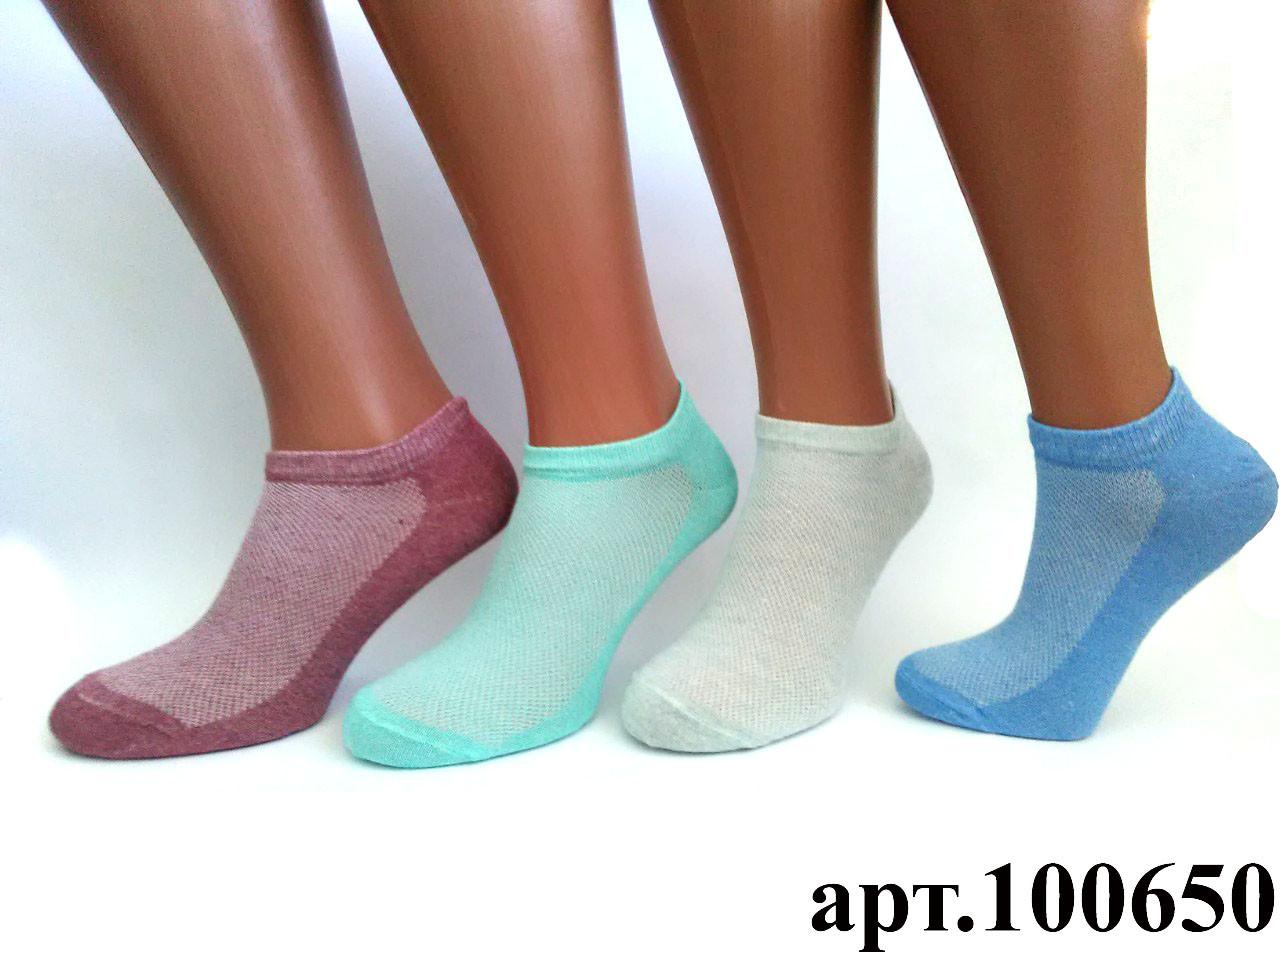 Шкарпетки спортивні жіночі SOI 23-25 р. (36-40) * 635 / слід / сітка